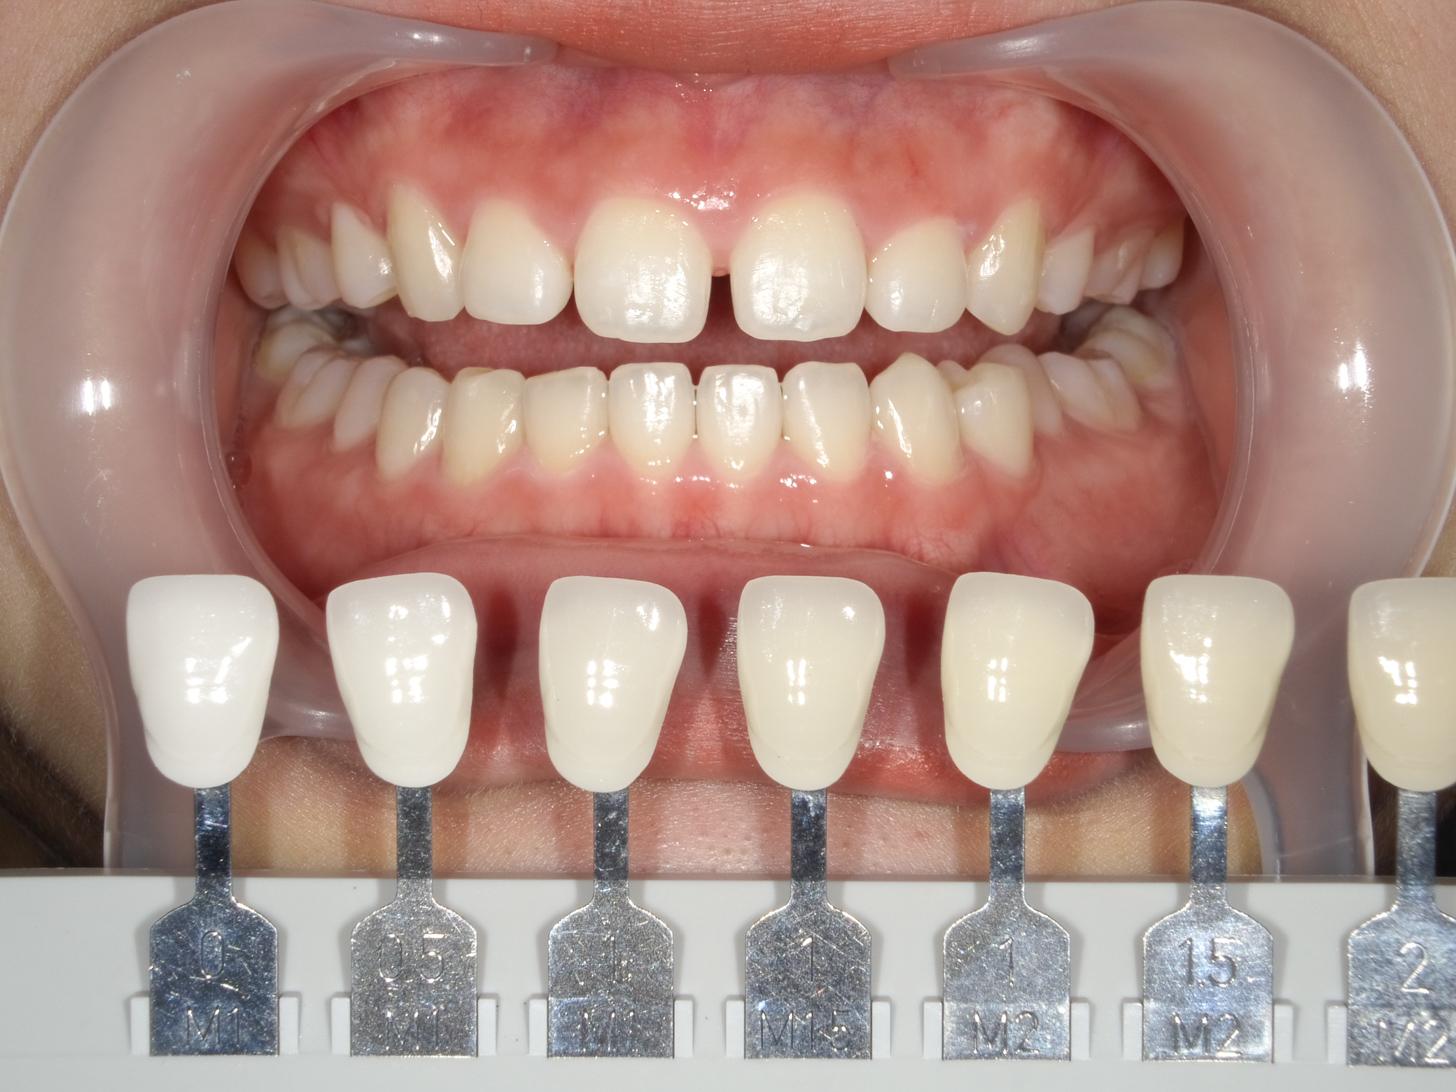 【症例】ホワイトニング+すきっ歯治療 2治療方法06